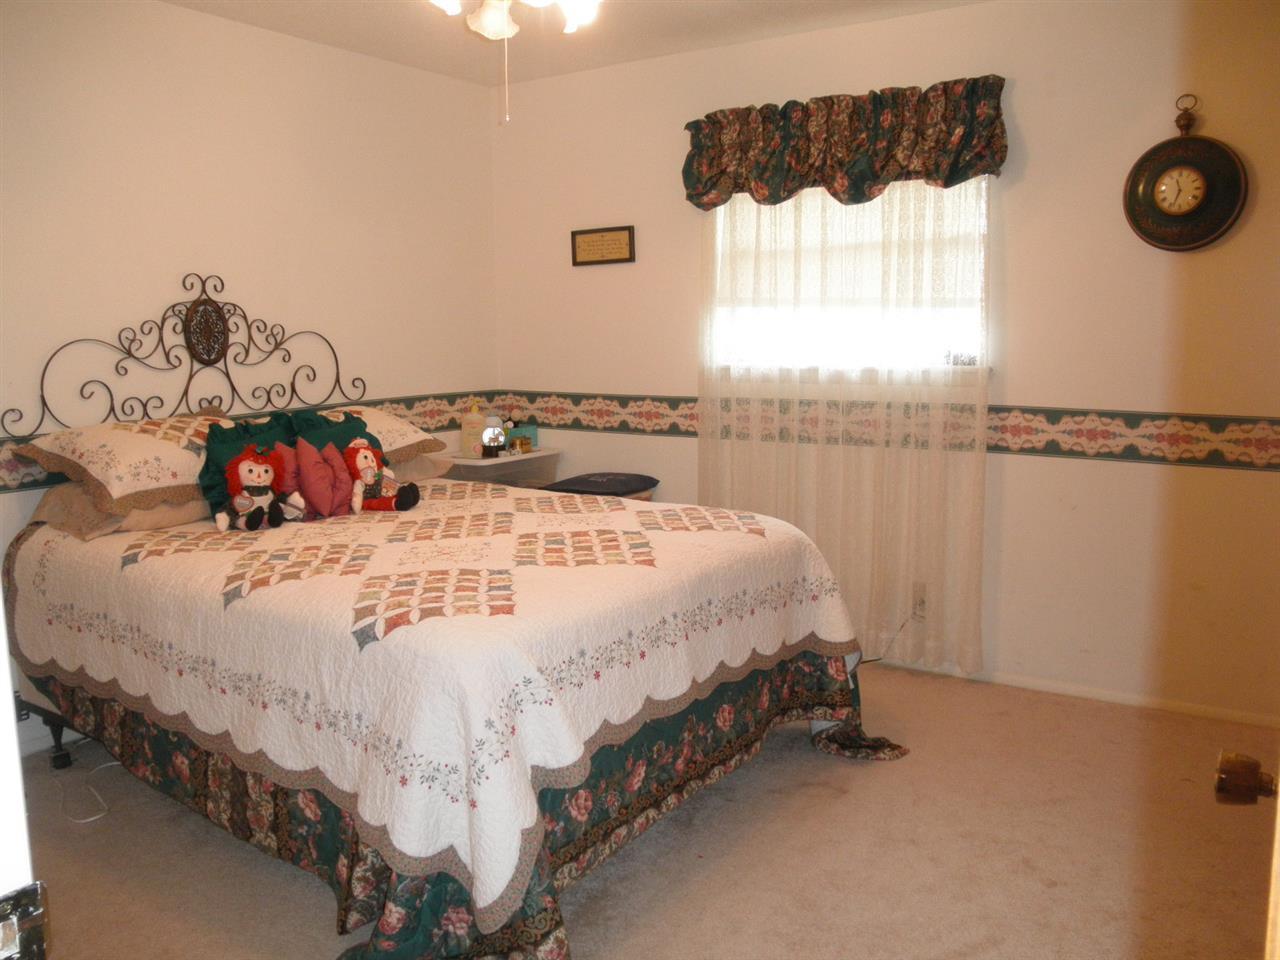 Sold Cross Sale W/ MLS | 1209 El Camino Ponca City, OK 74604 11